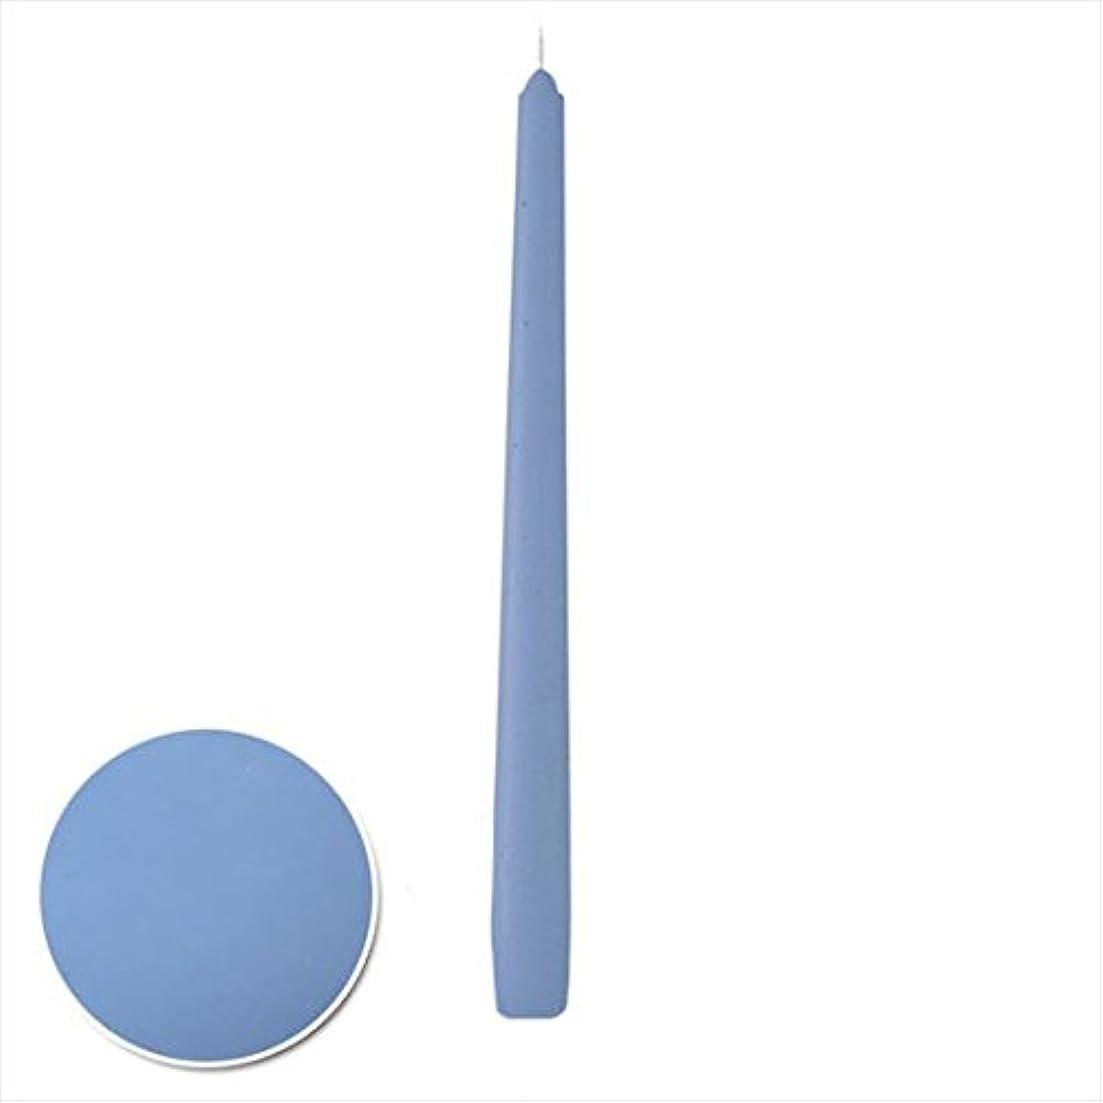 受益者似ているに変わるカメヤマキャンドル( kameyama candle ) 12インチテーパー 「 パープルブルー 」 12本入り